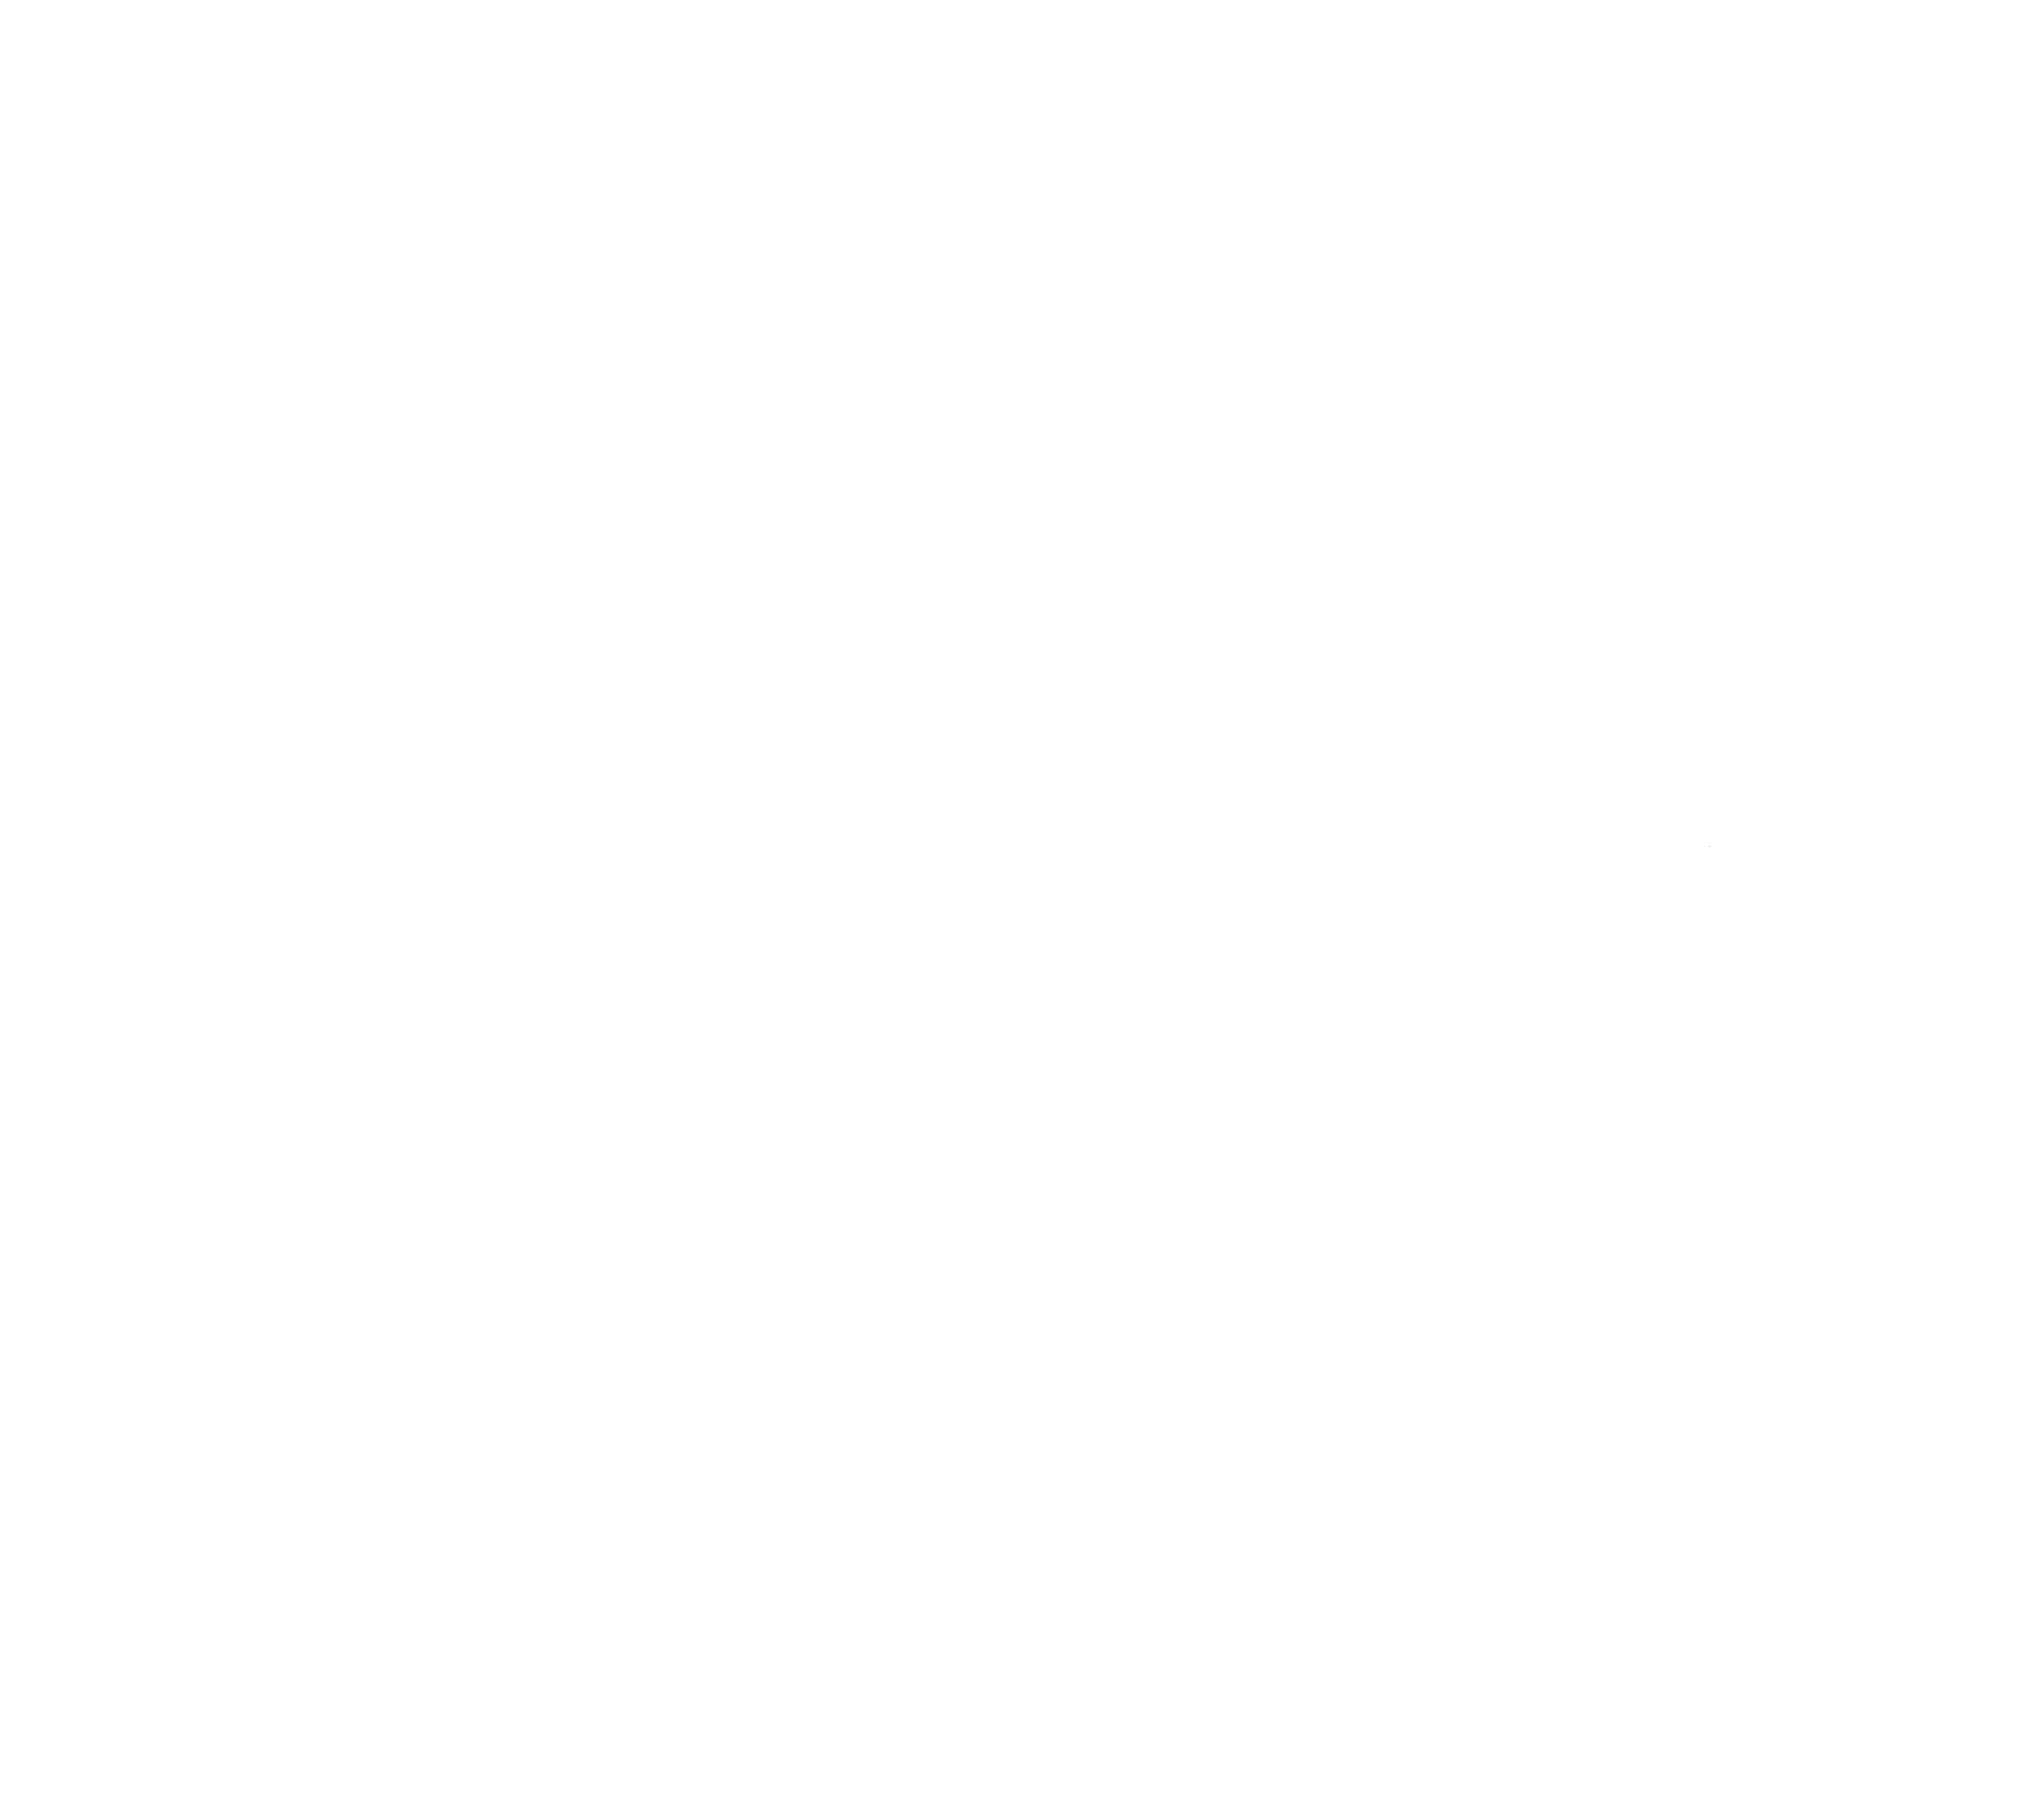 ICTV Reports